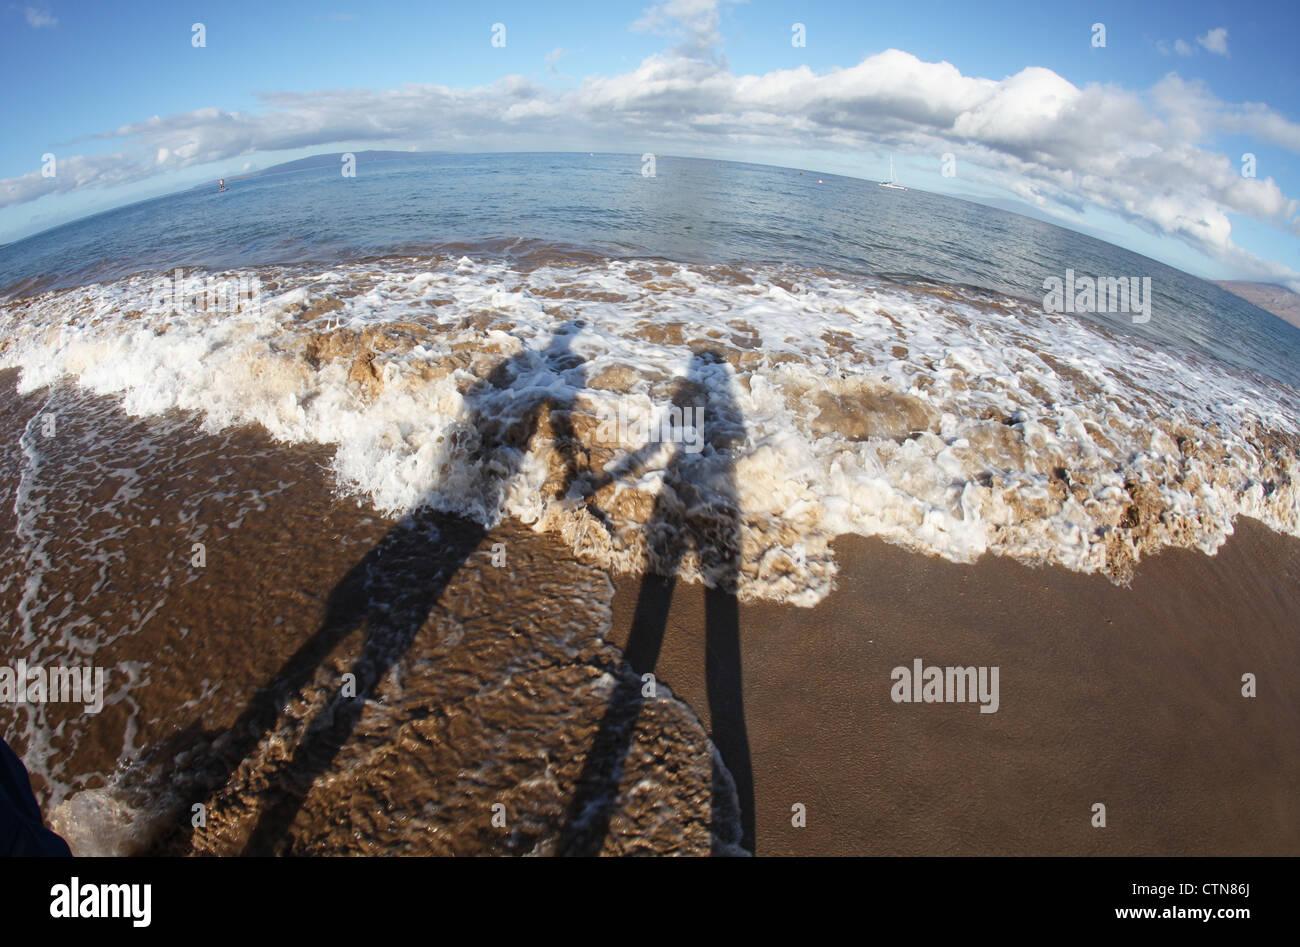 Novia pareja tomados de la mano con sombras cayendo a través de las olas rompiendo en la playa. Imagen De Stock